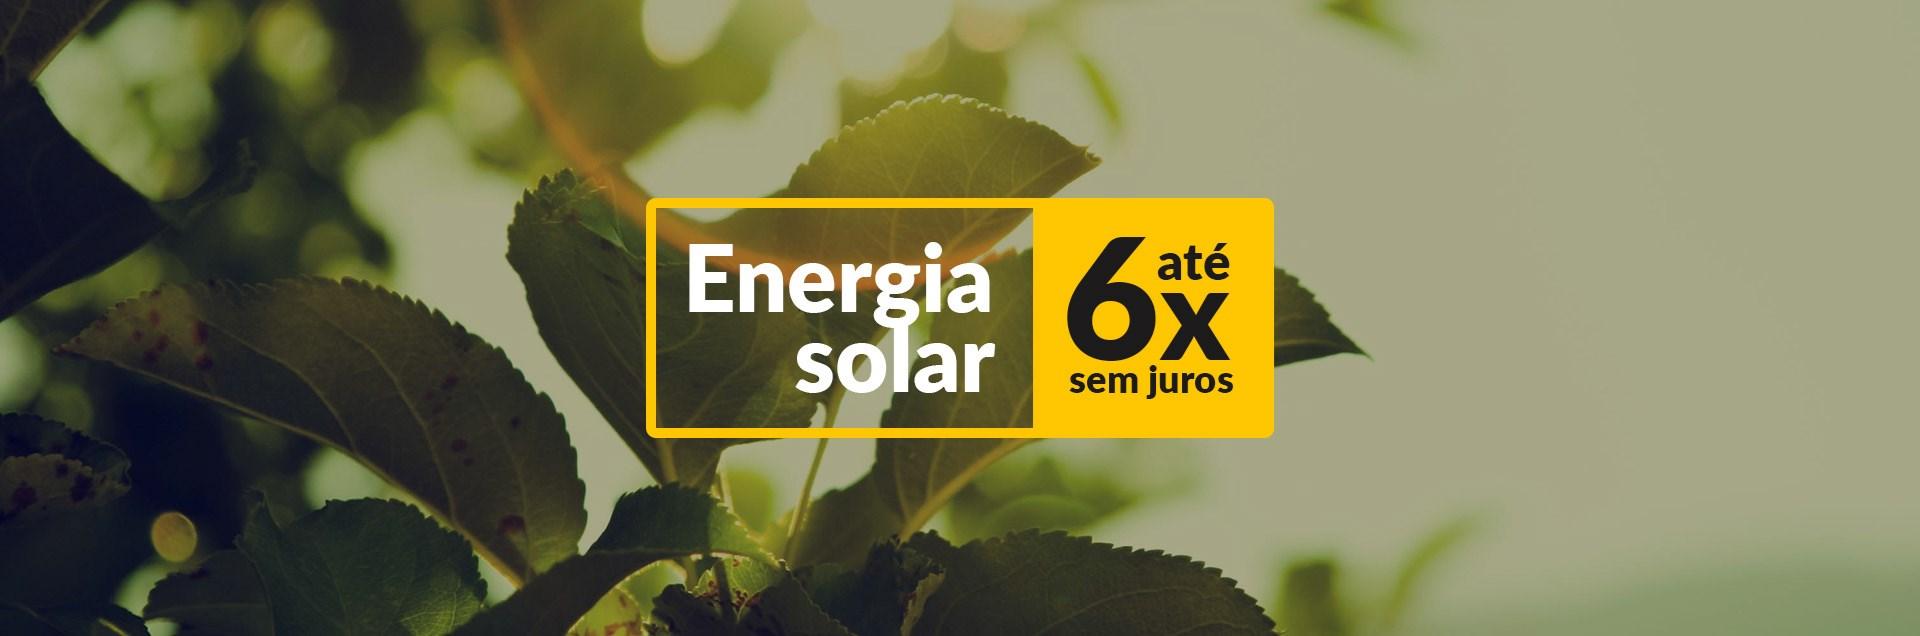 Energia Solar em até 6x sem juros!